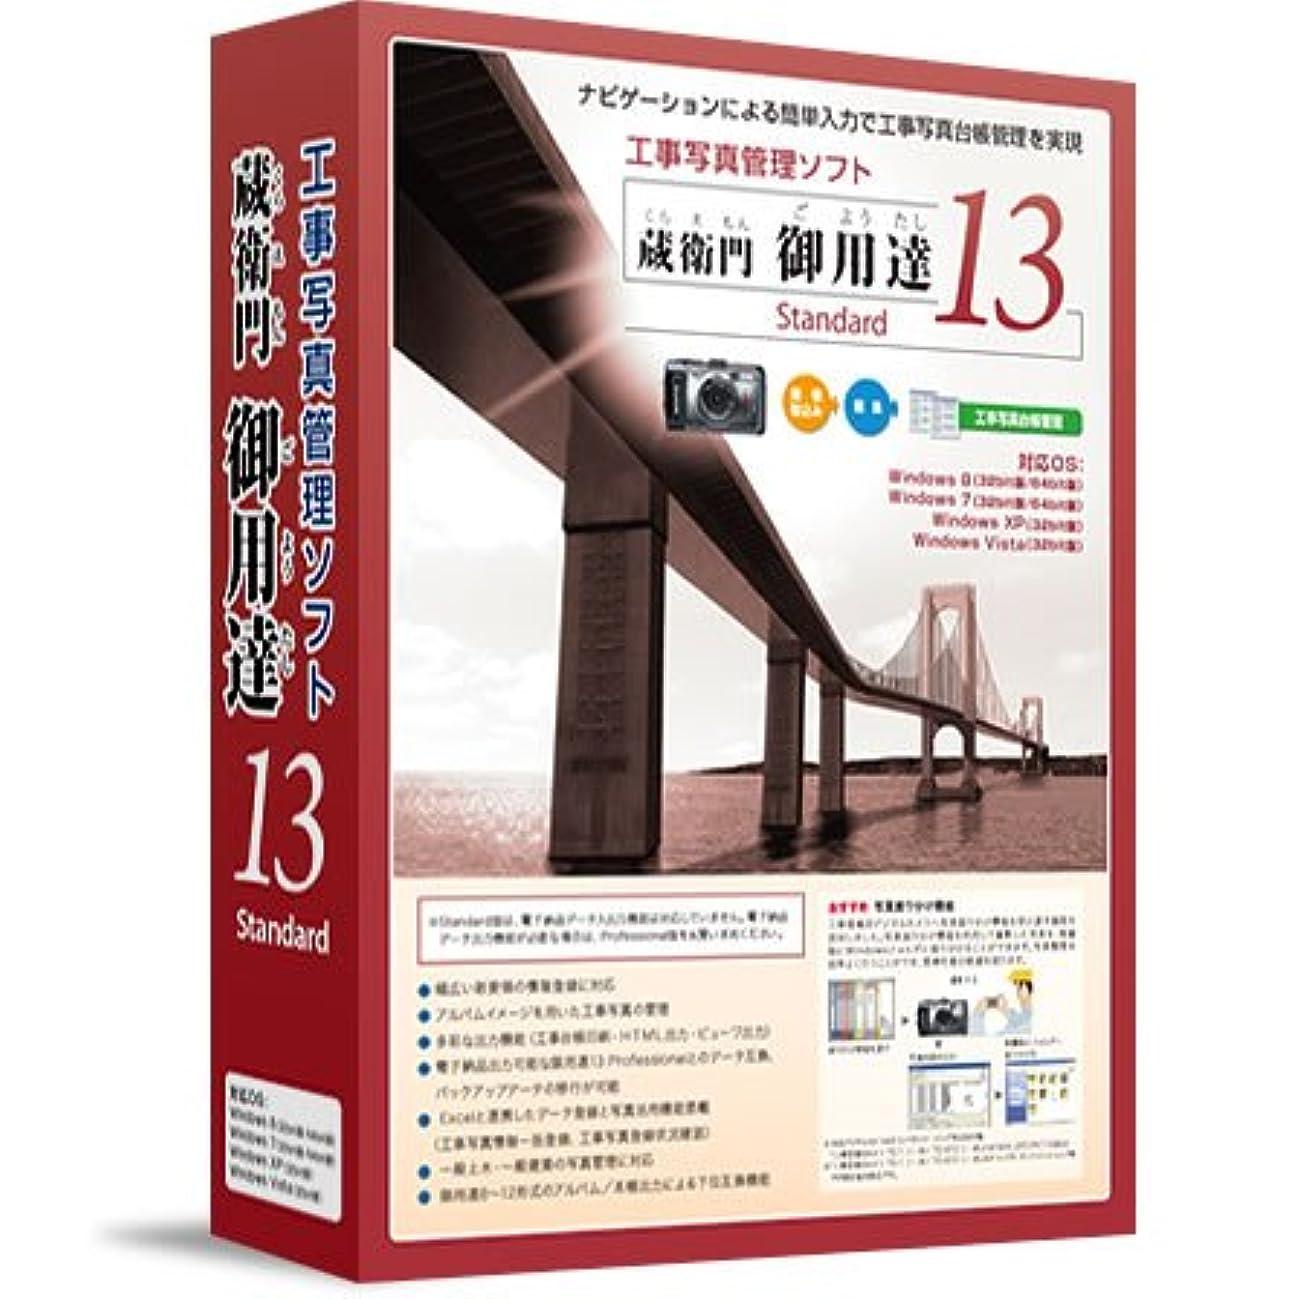 材料ピクニック征服するOLYMPUS デジタルカメラ 工事写真管理ソフト 蔵衛門御用達 13 Standard SWW-4801